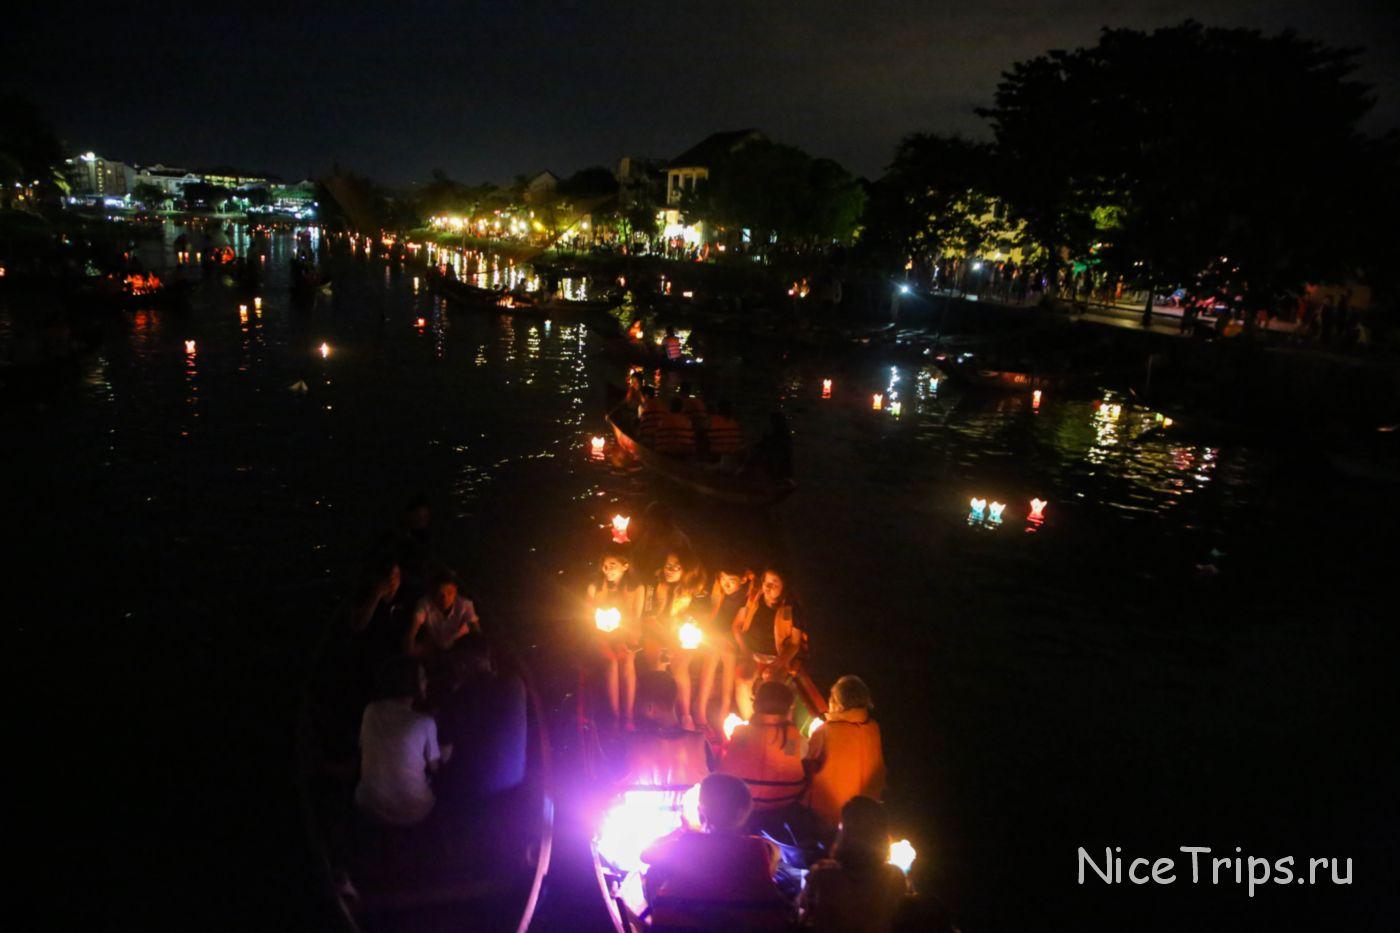 Запуск горящих фонариков по реке